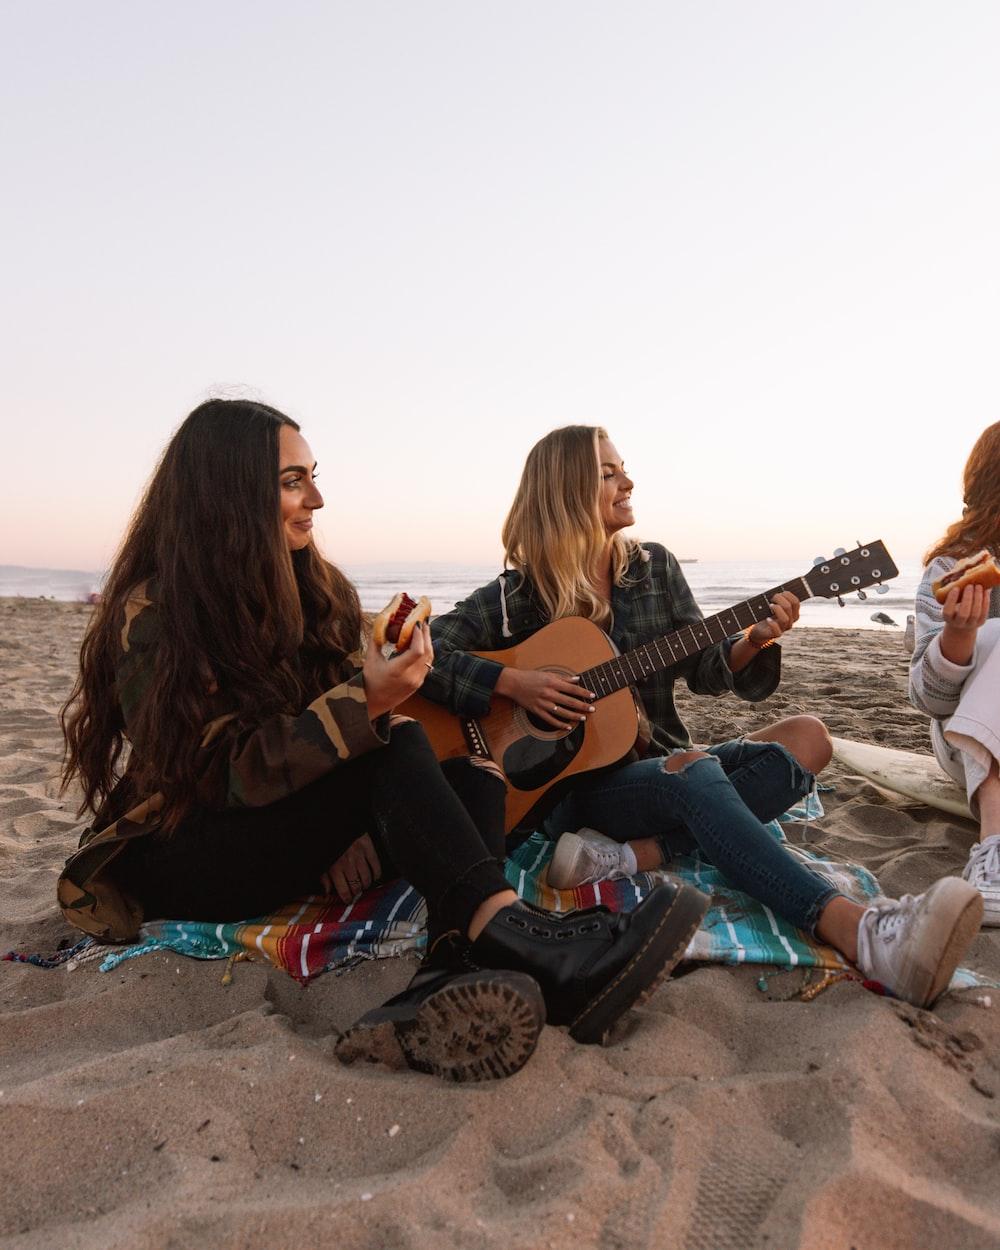 3 women sitting on brown sand playing guitars during daytime